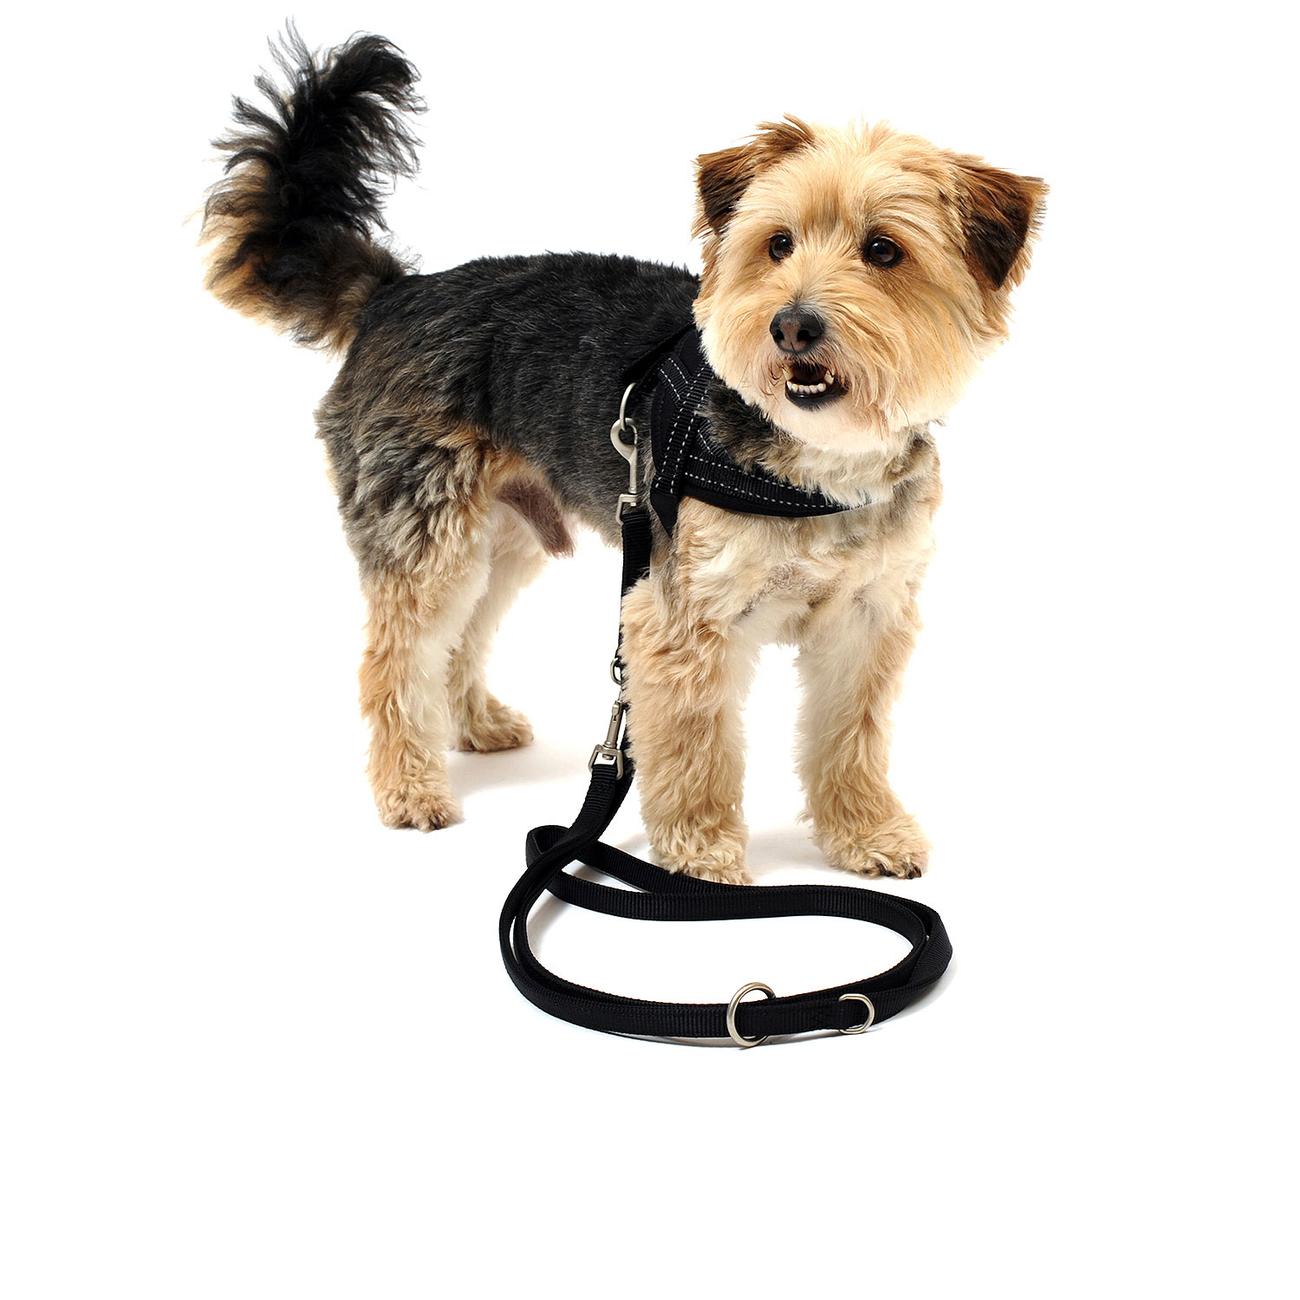 Wolters Hundegeschirr Soft & Safe reflektierend, Bild 8